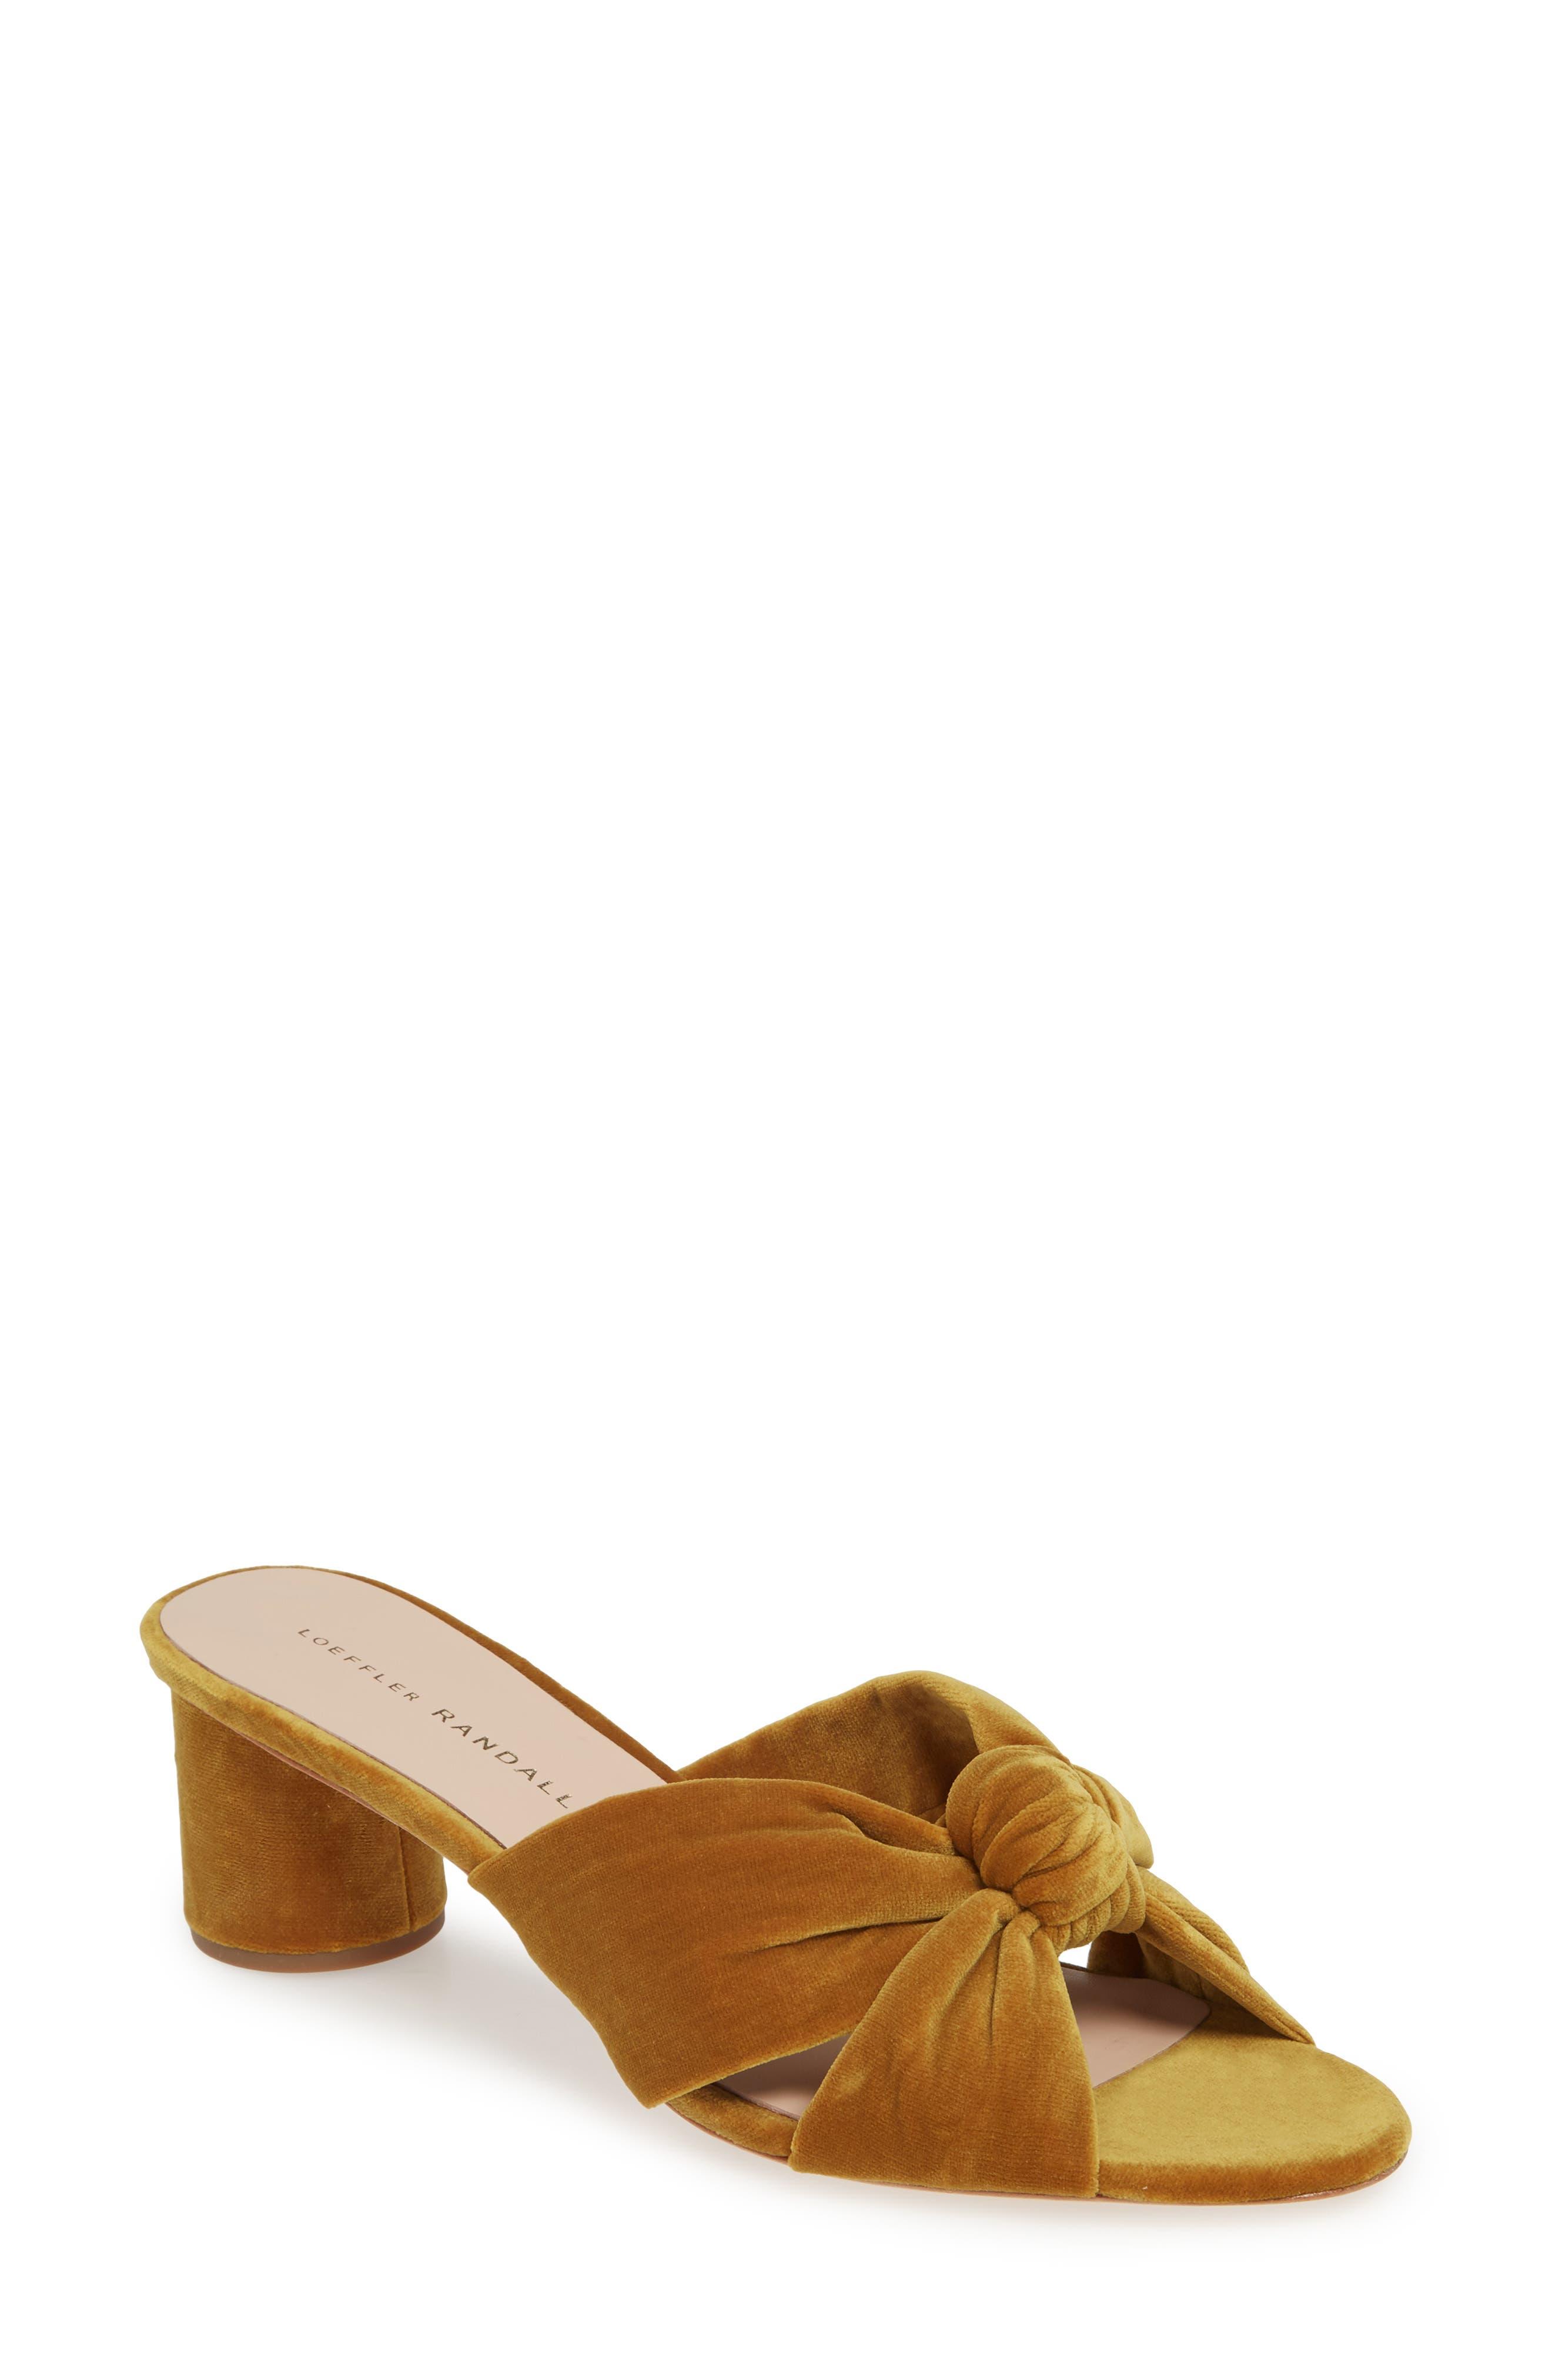 7fee233b09d1 Loeffler Randal Celeste Knotted Slide Sandal